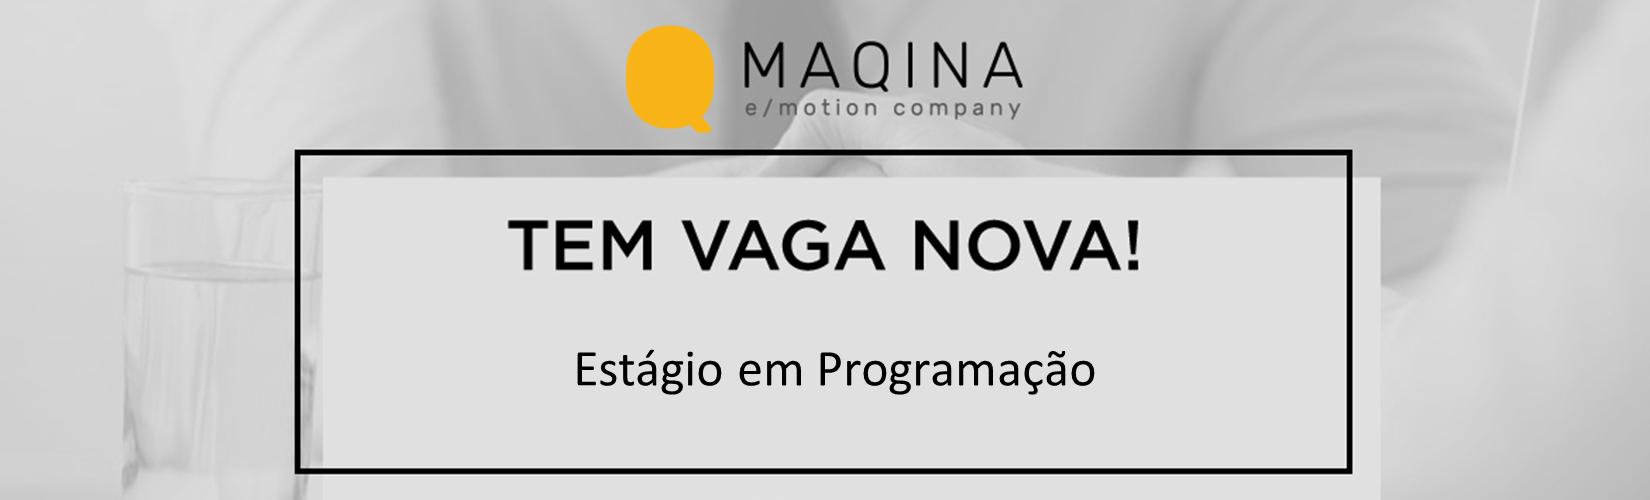 [MAQINA] - Estágio  em Programação